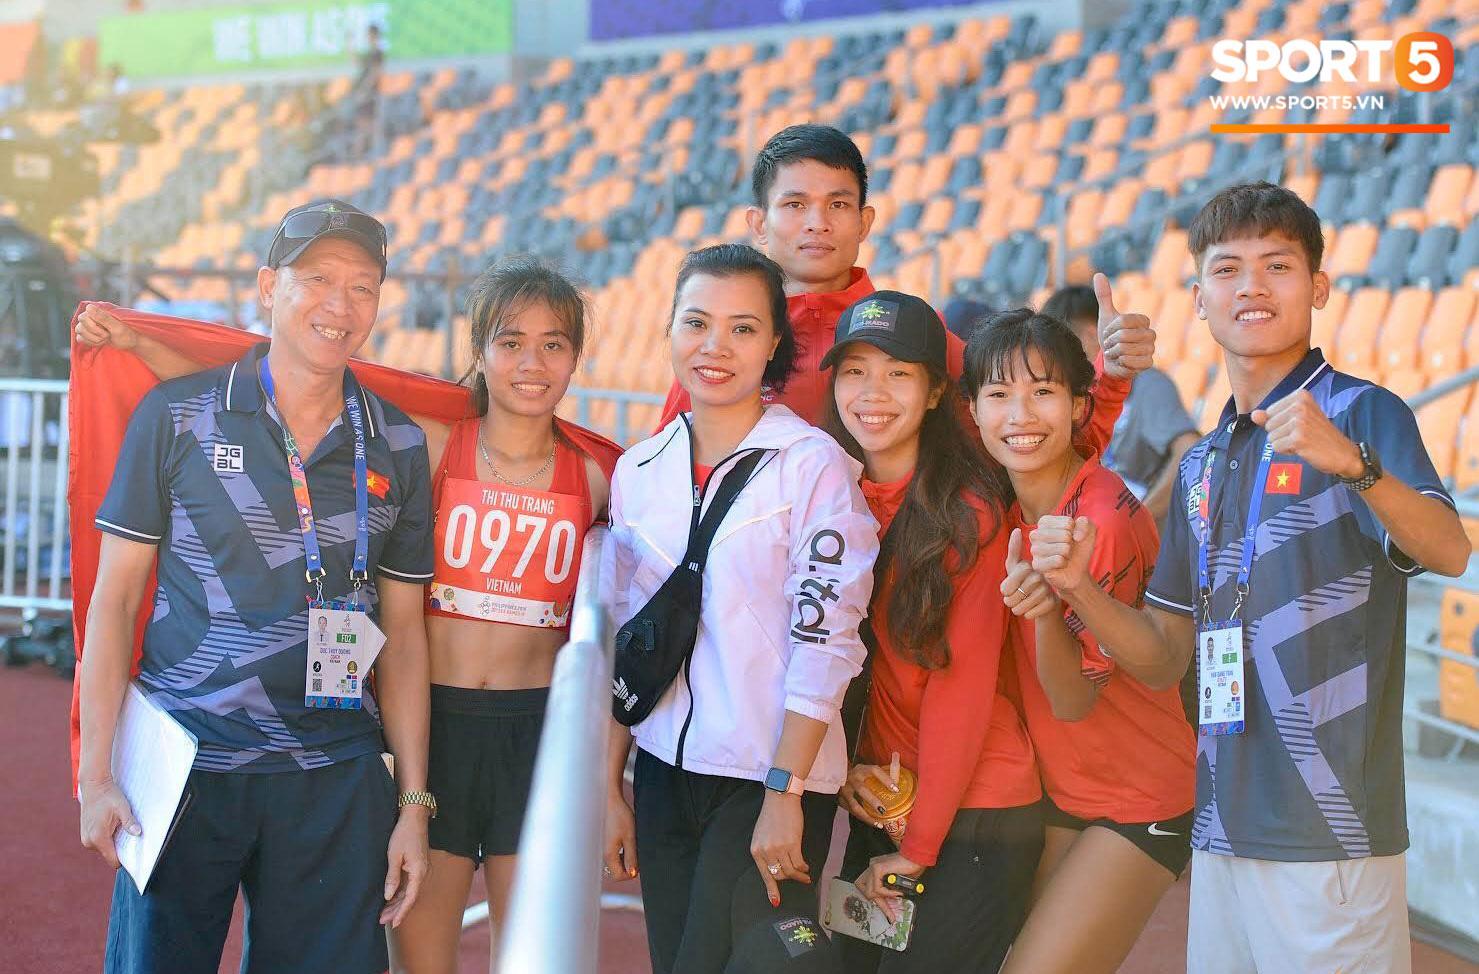 SEA Games ngày 8/12: Nữ hoàng điền kinh Tú Chinh vượt 2 VĐV nhập tịch trong tích tắc, xuất sắc giành HCV chung cuộc - Ảnh 79.